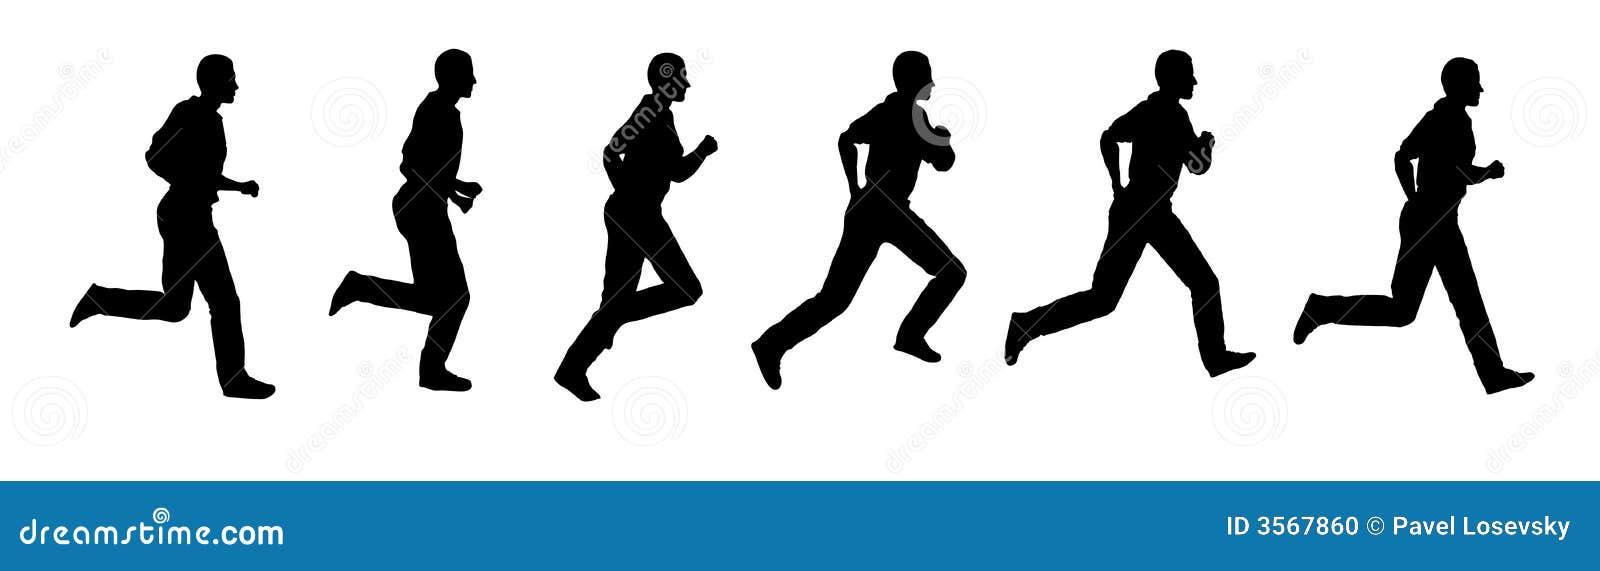 Business Man Frames Running Walk Sequence Stock Vector ...